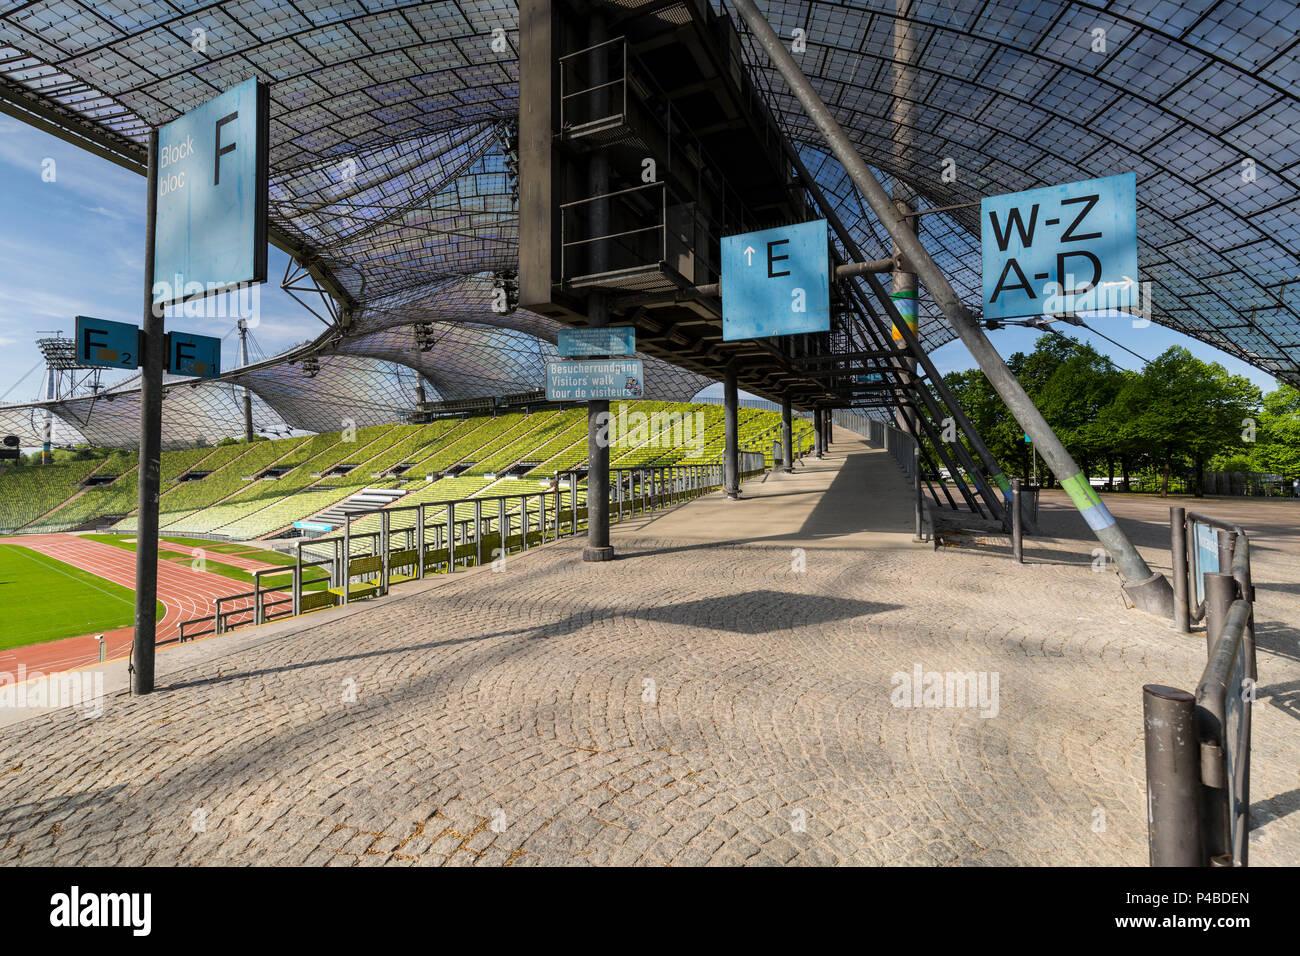 Europe, Germany, Bavaria, Munich, Olympiastadion - Stock Image